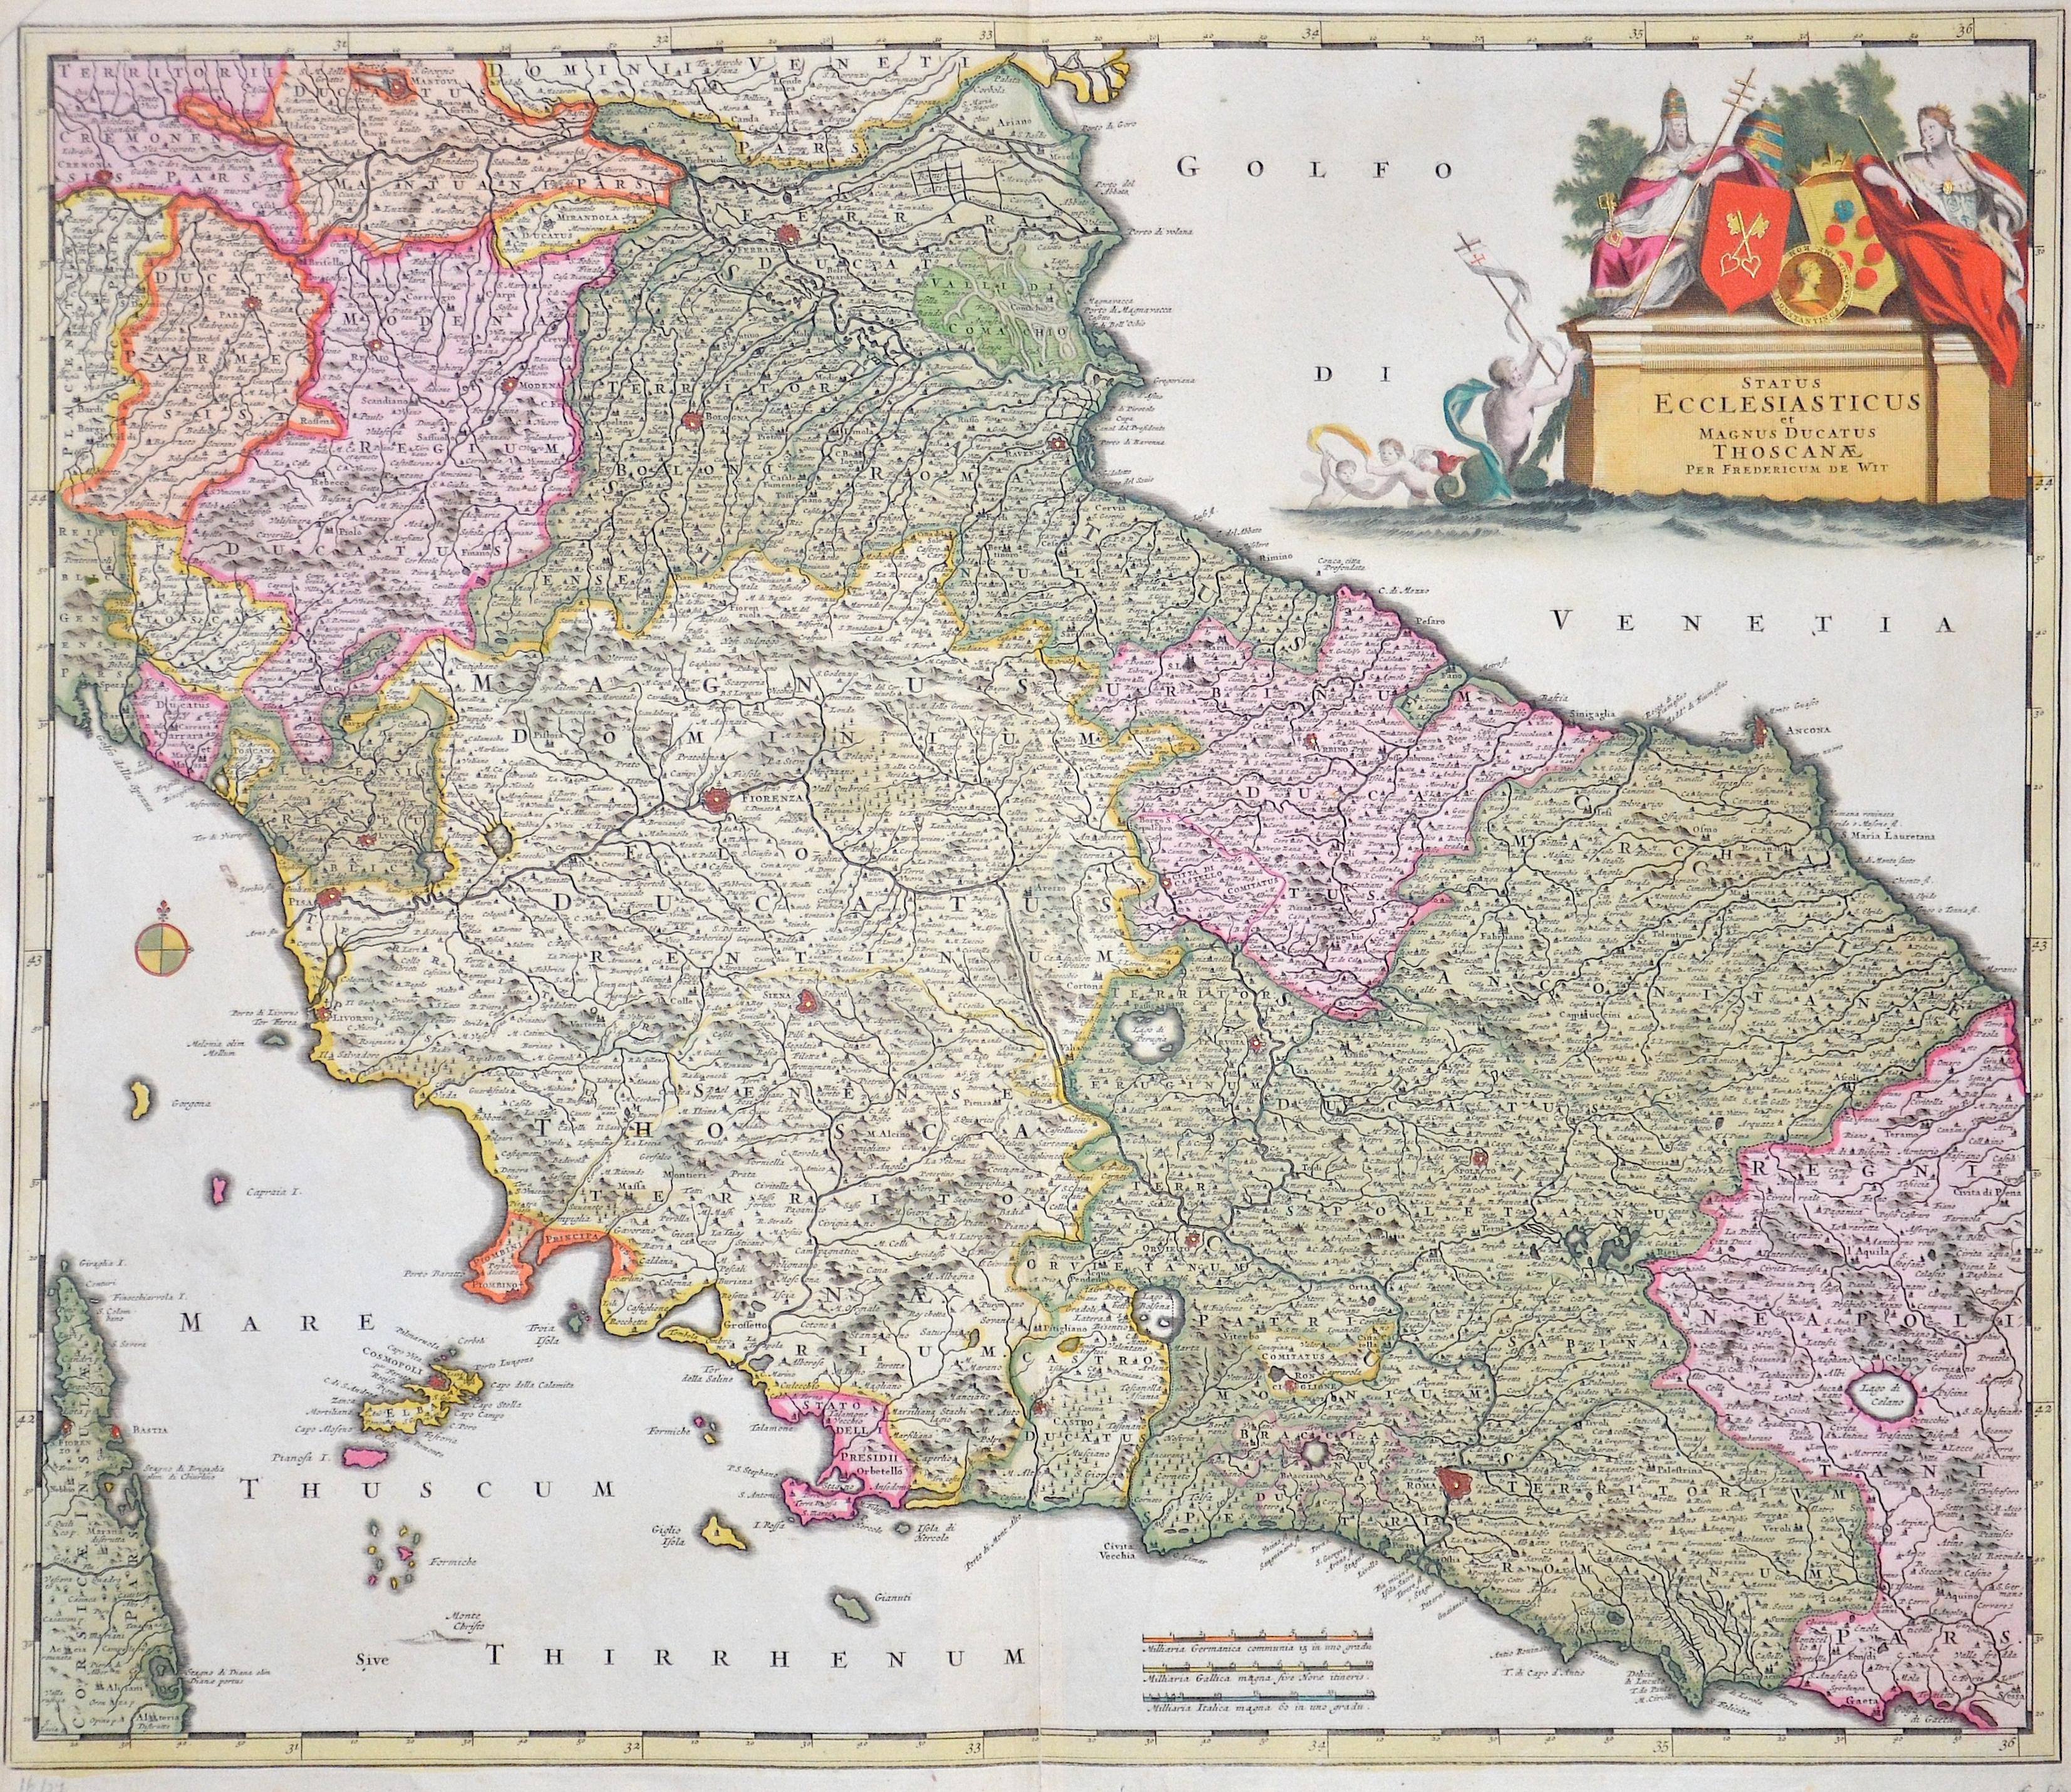 Wit, de Frederick Satus Ecclesiasticus et Magnus ducatus Thoscanae